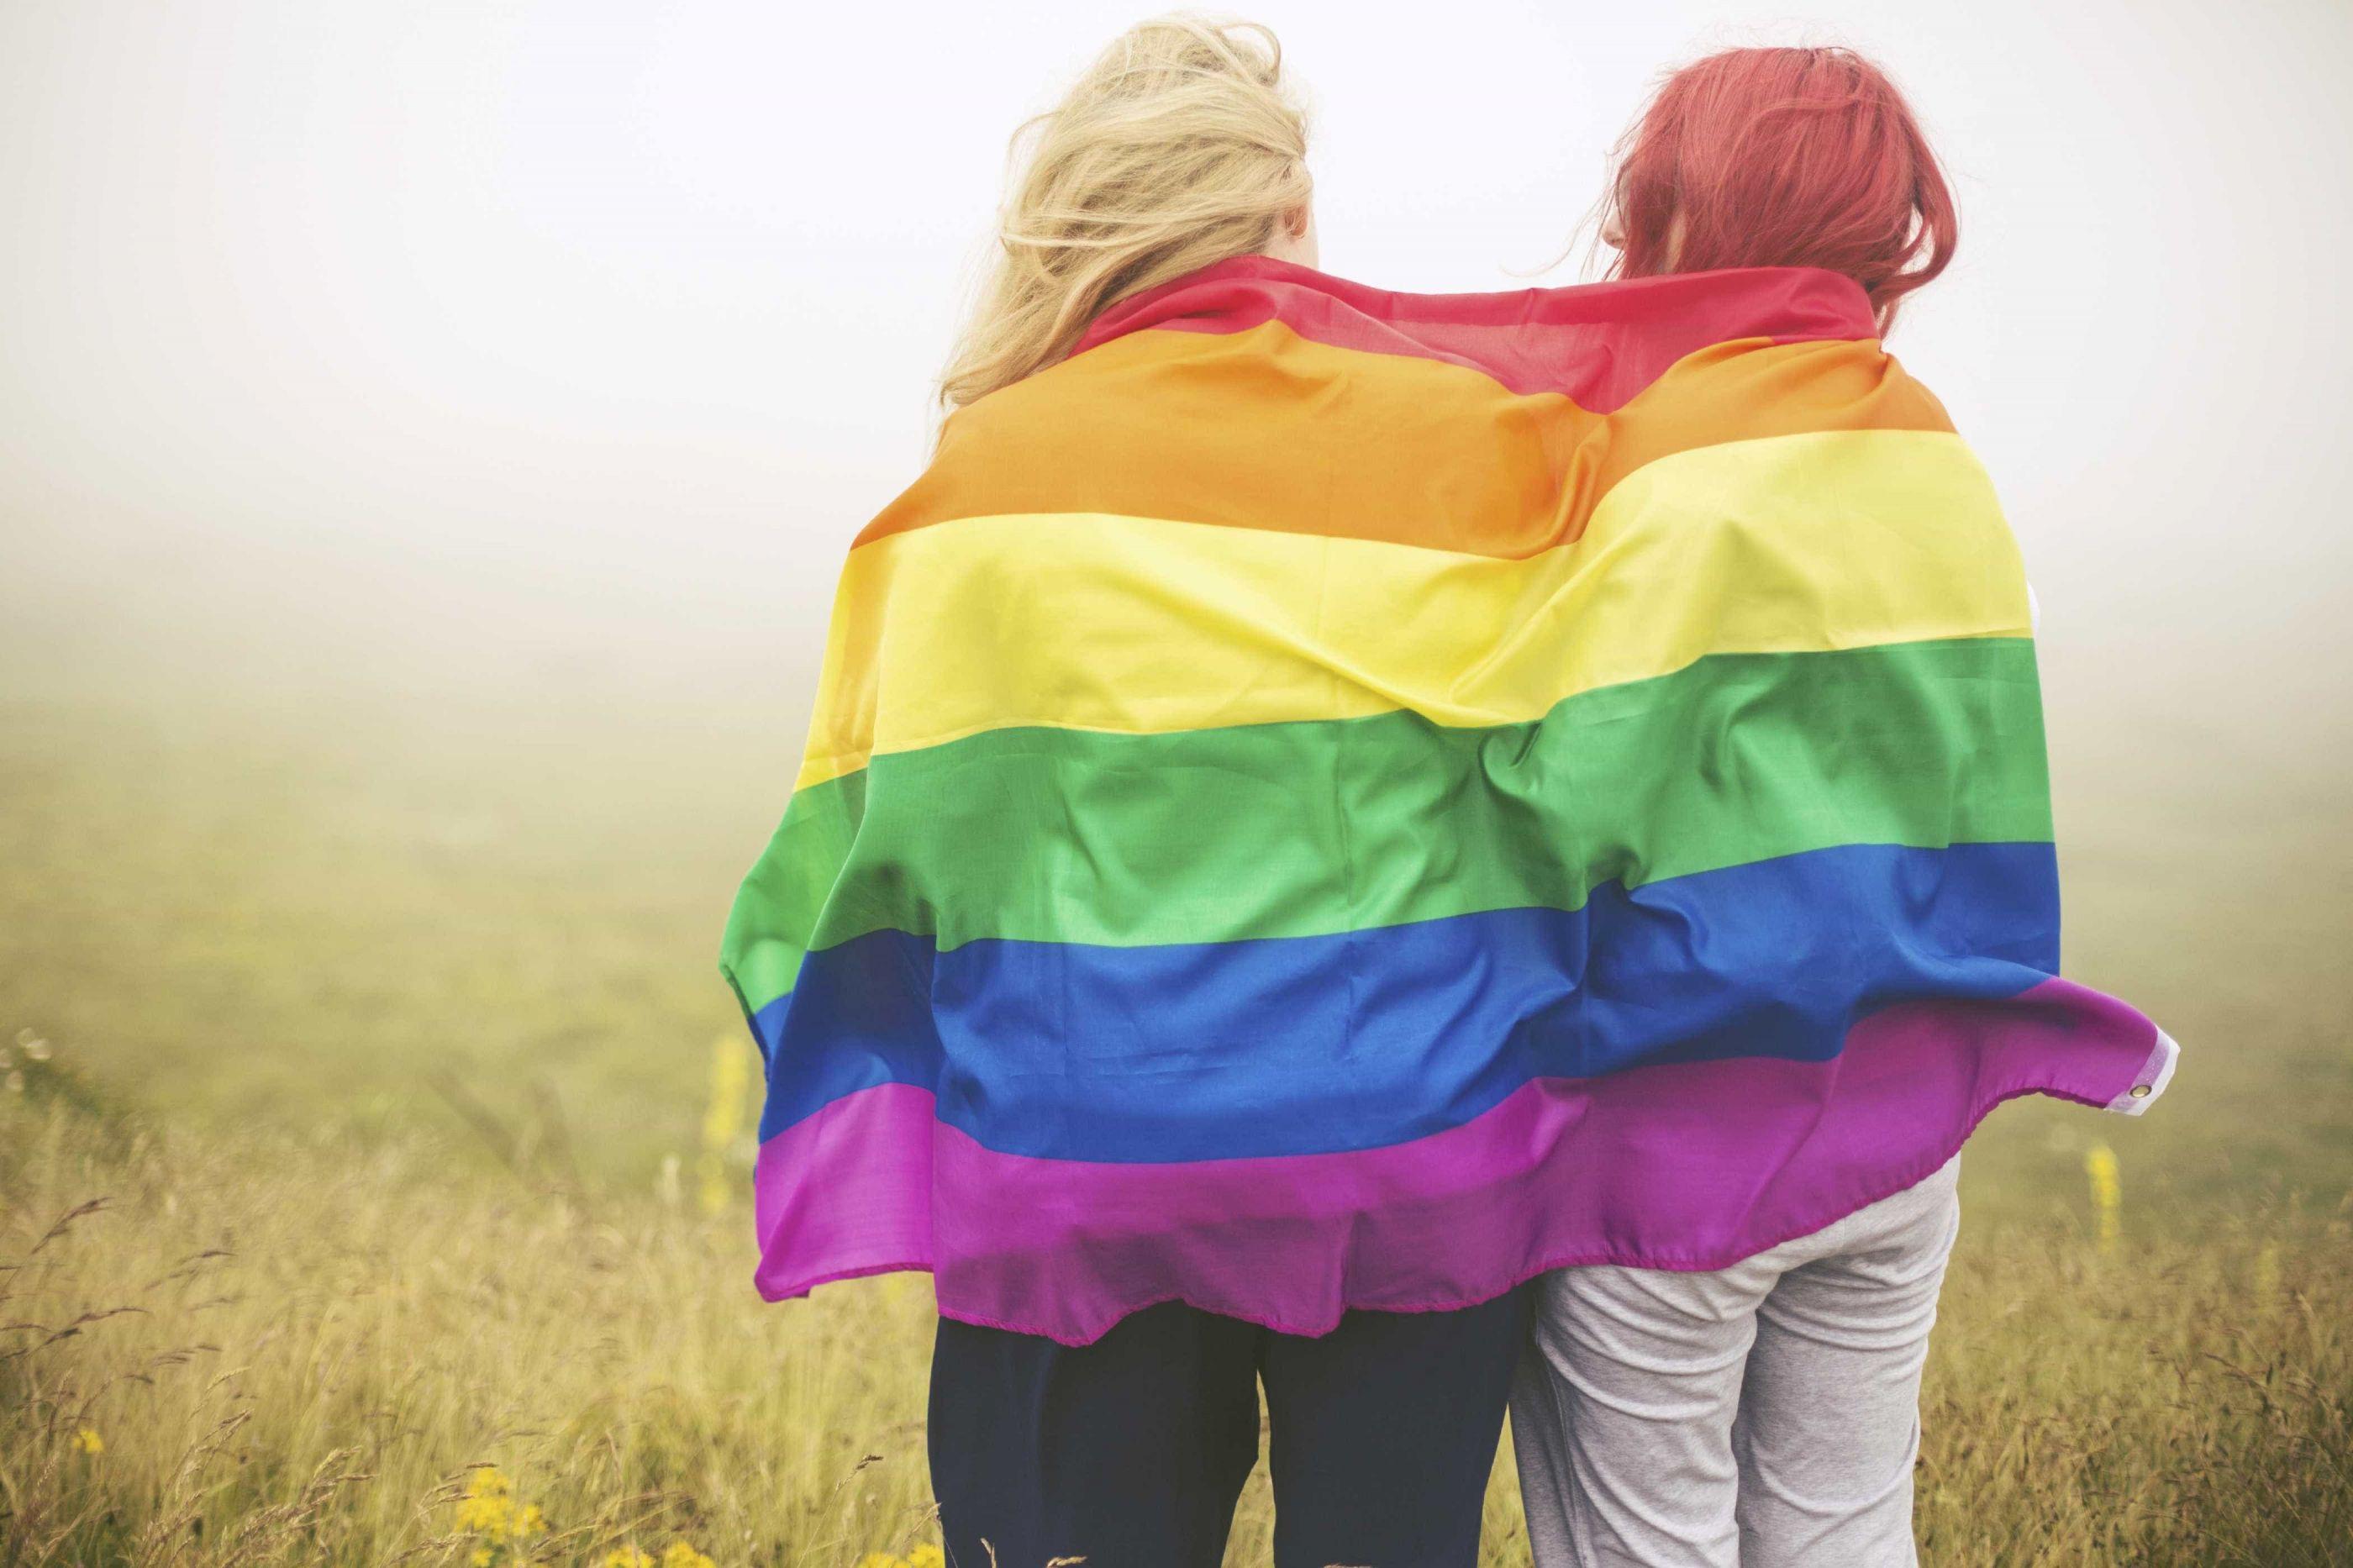 YouTube aprova documentário sobre a comunidade LGBTQ+